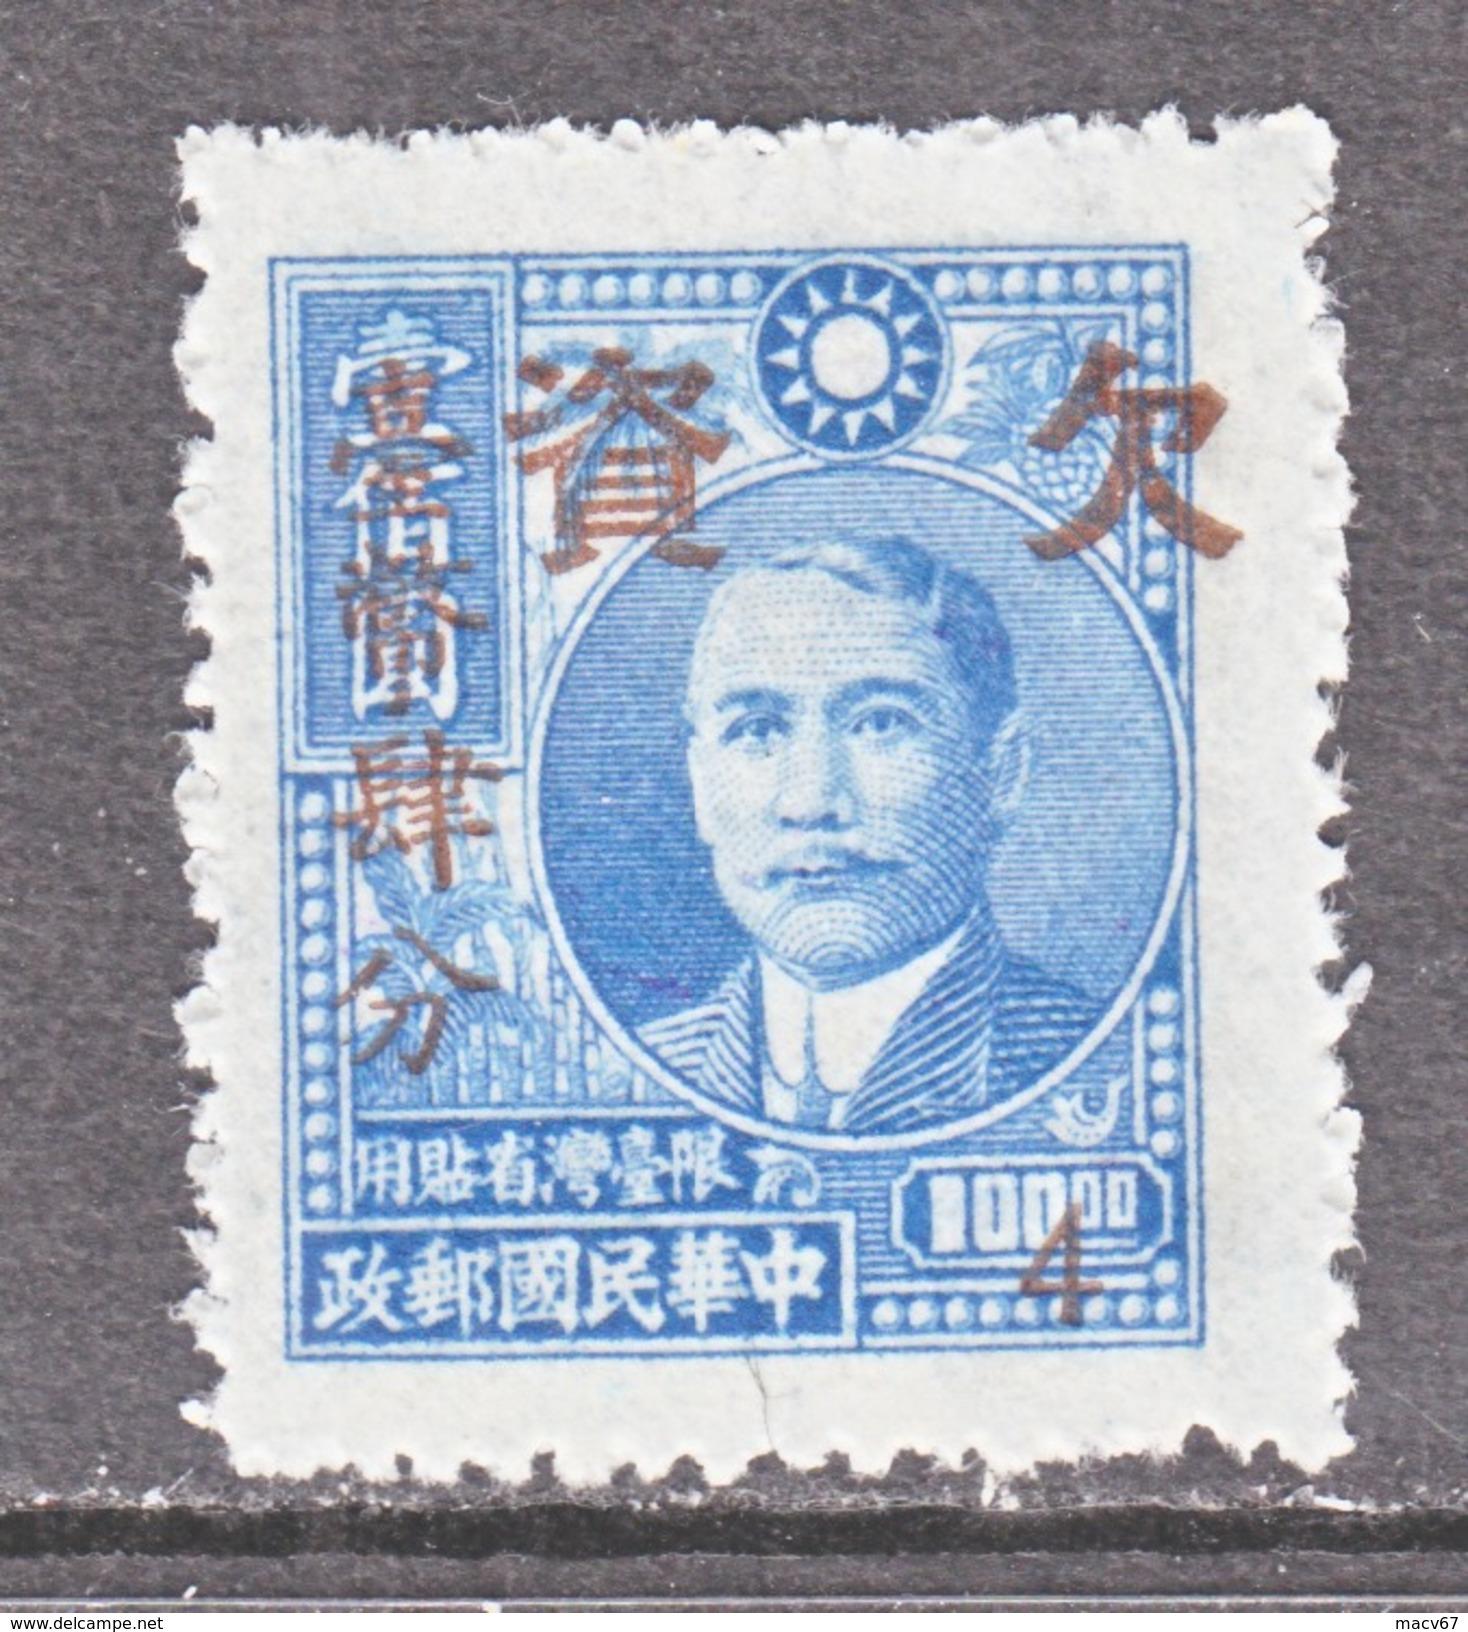 TAIWAN  J 13  * - 1888 Chinese Province